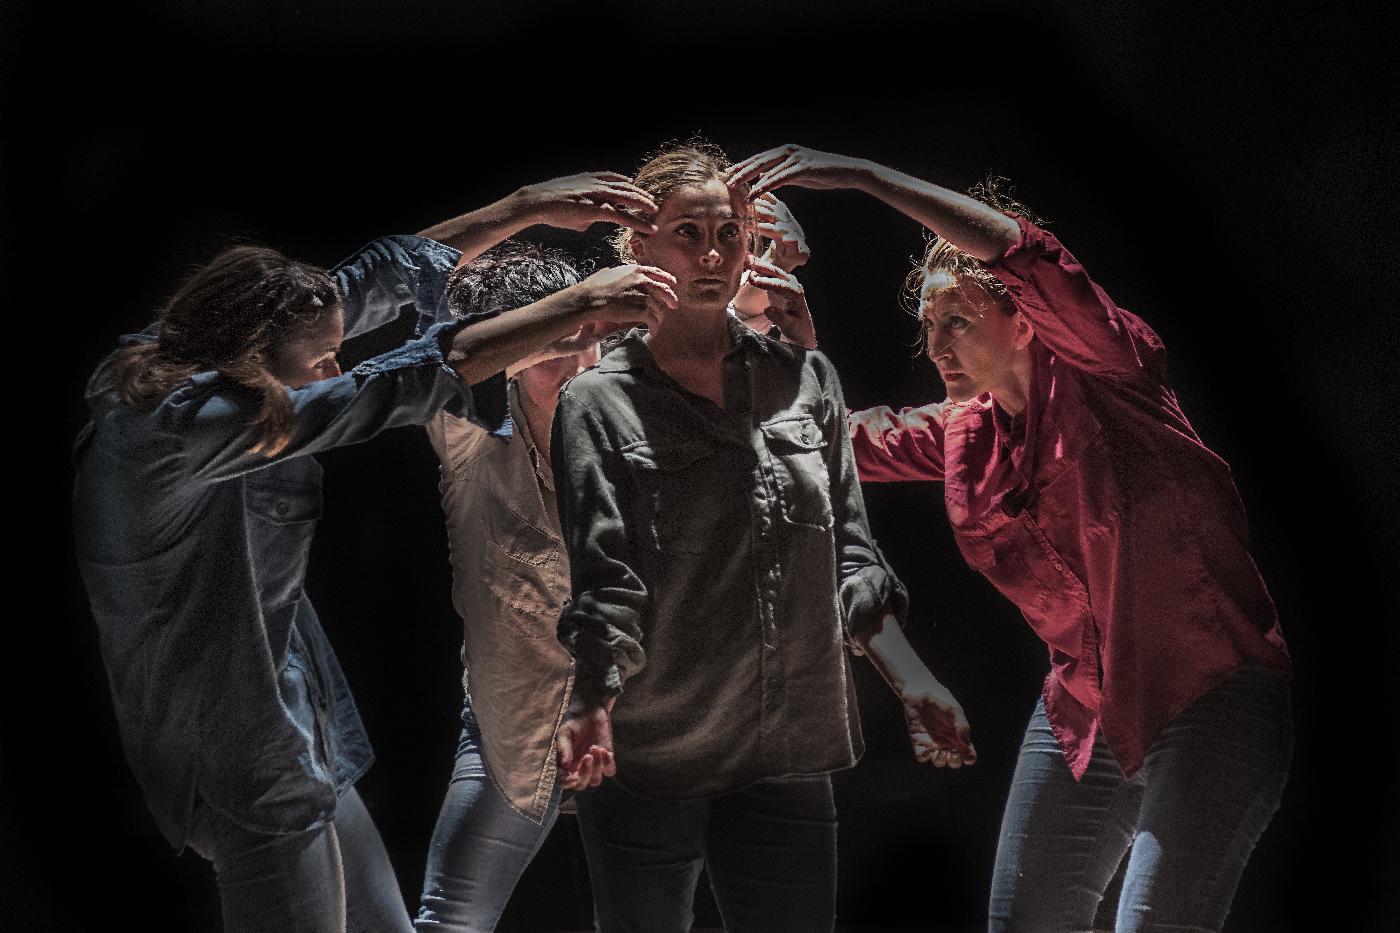 LLUITA vuelve a Valencia: 26, 27 y 28 de enero en Teatro Principal